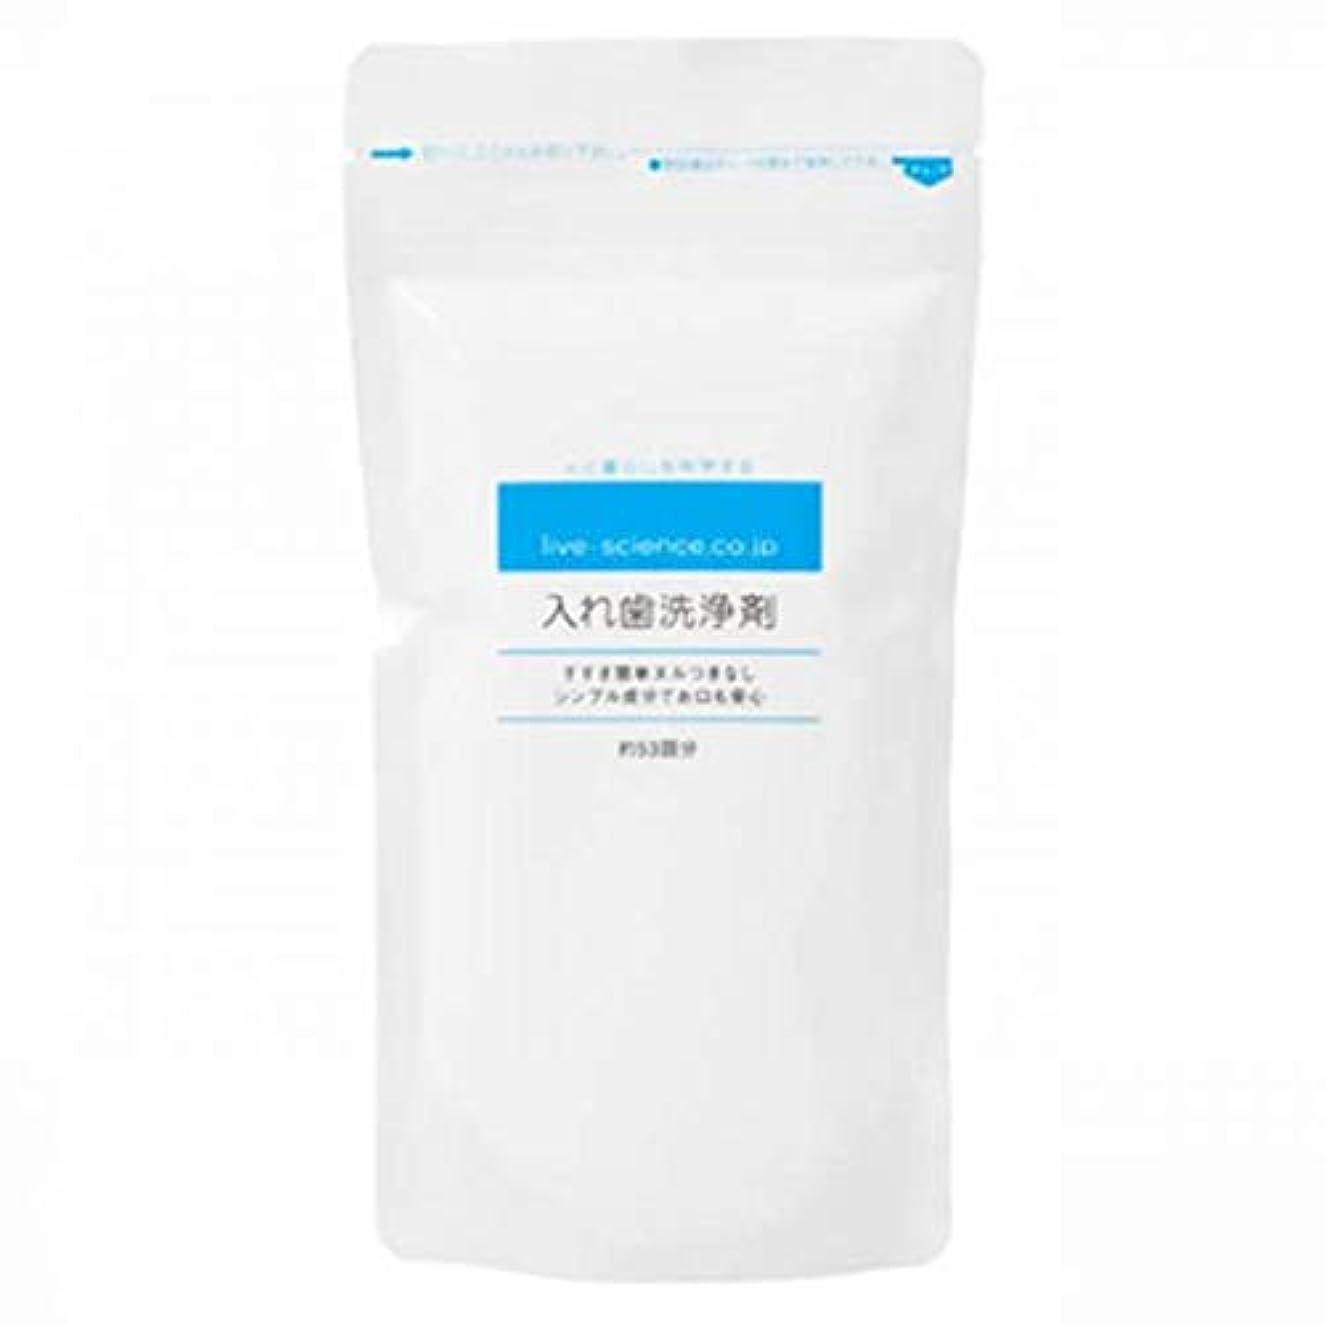 寛大なアマゾンジャングルシリアル入れ歯洗浄剤 (160g) 【石けん百貨】